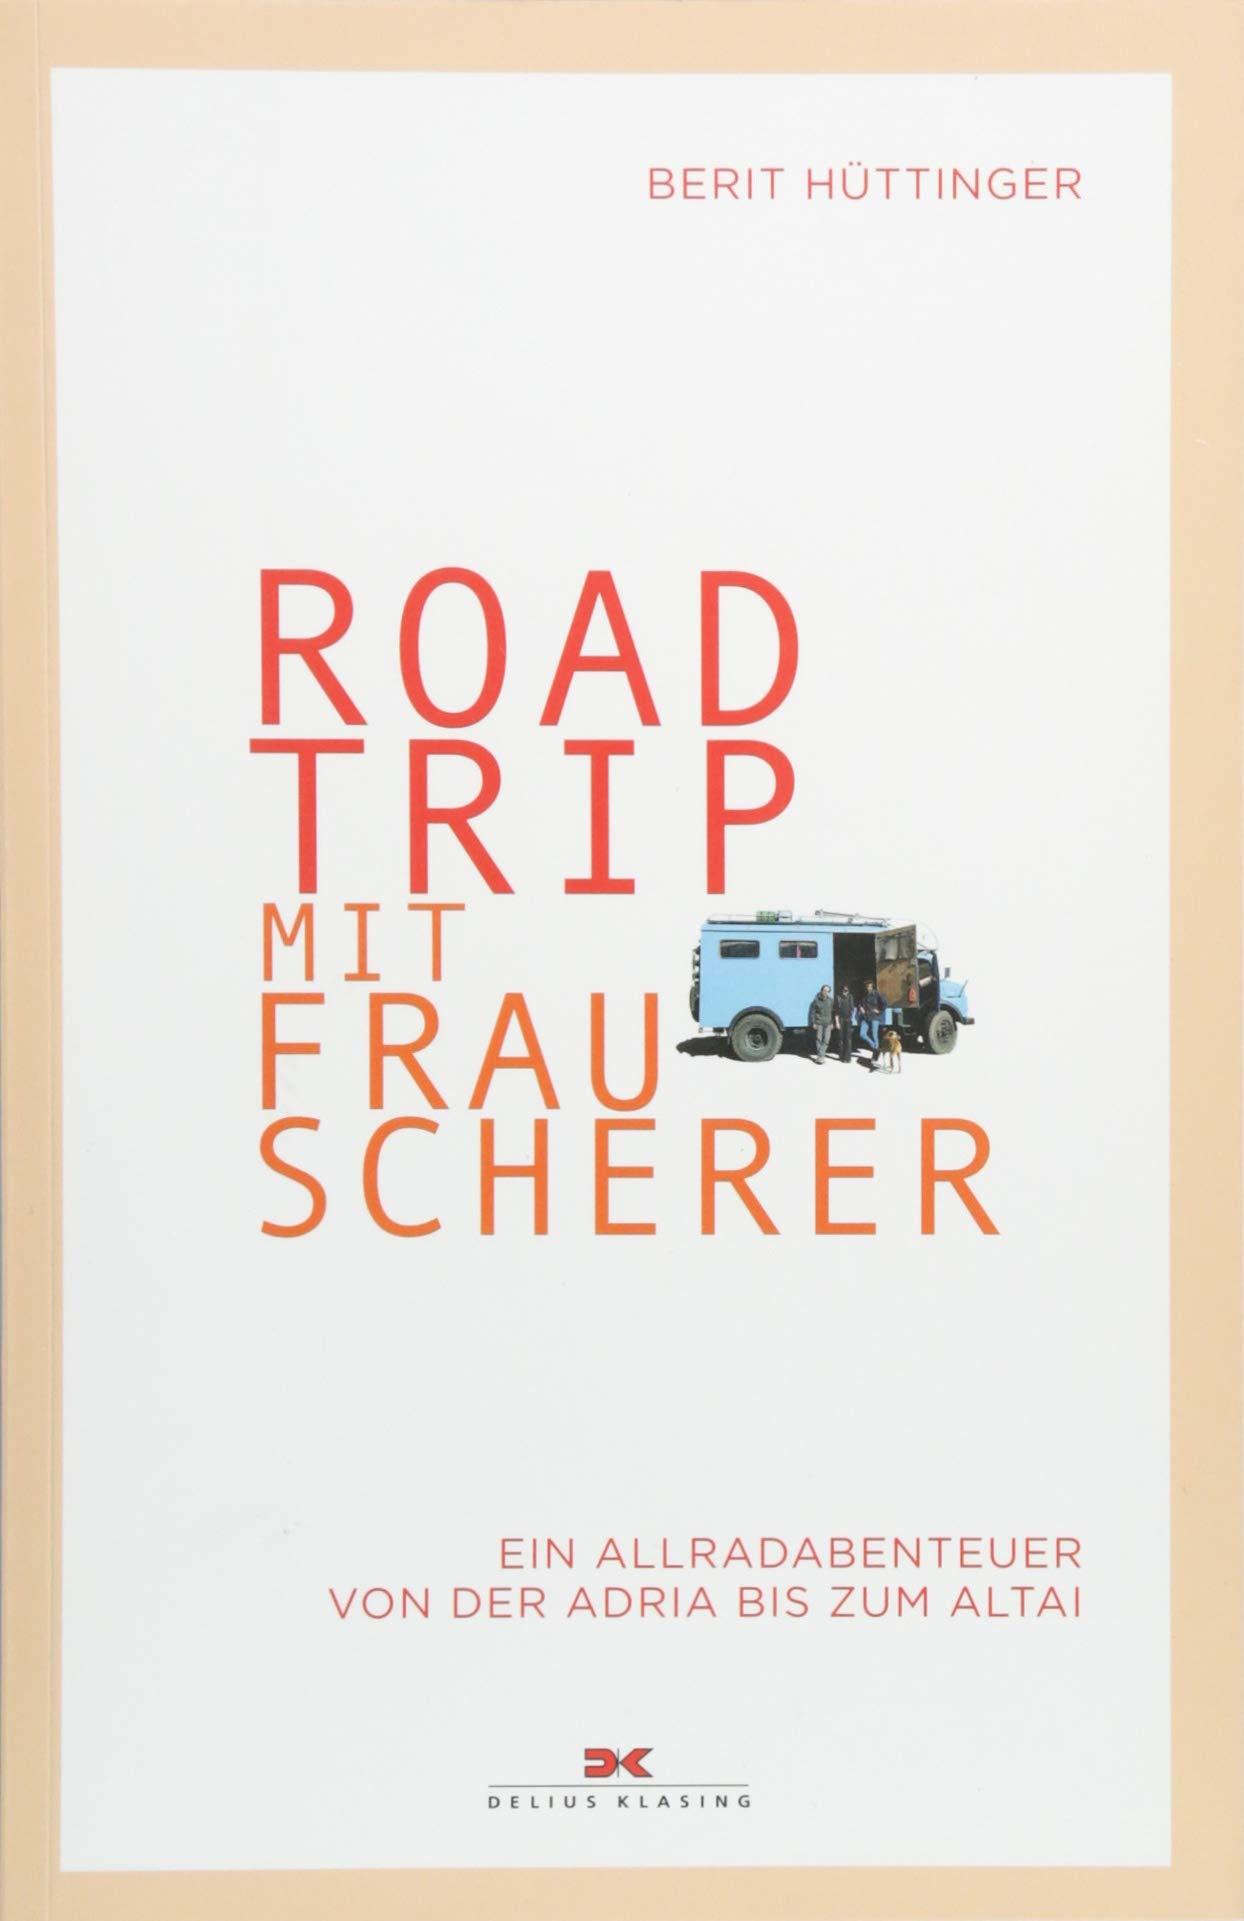 Roadtrip mit Frau Scherer: Ein Allradabenteuer von der Adria bis zum Altai Taschenbuch – 10. September 2018 Berit Hüttinger Delius Klasing 3667114079 Reiseberichte / Asien